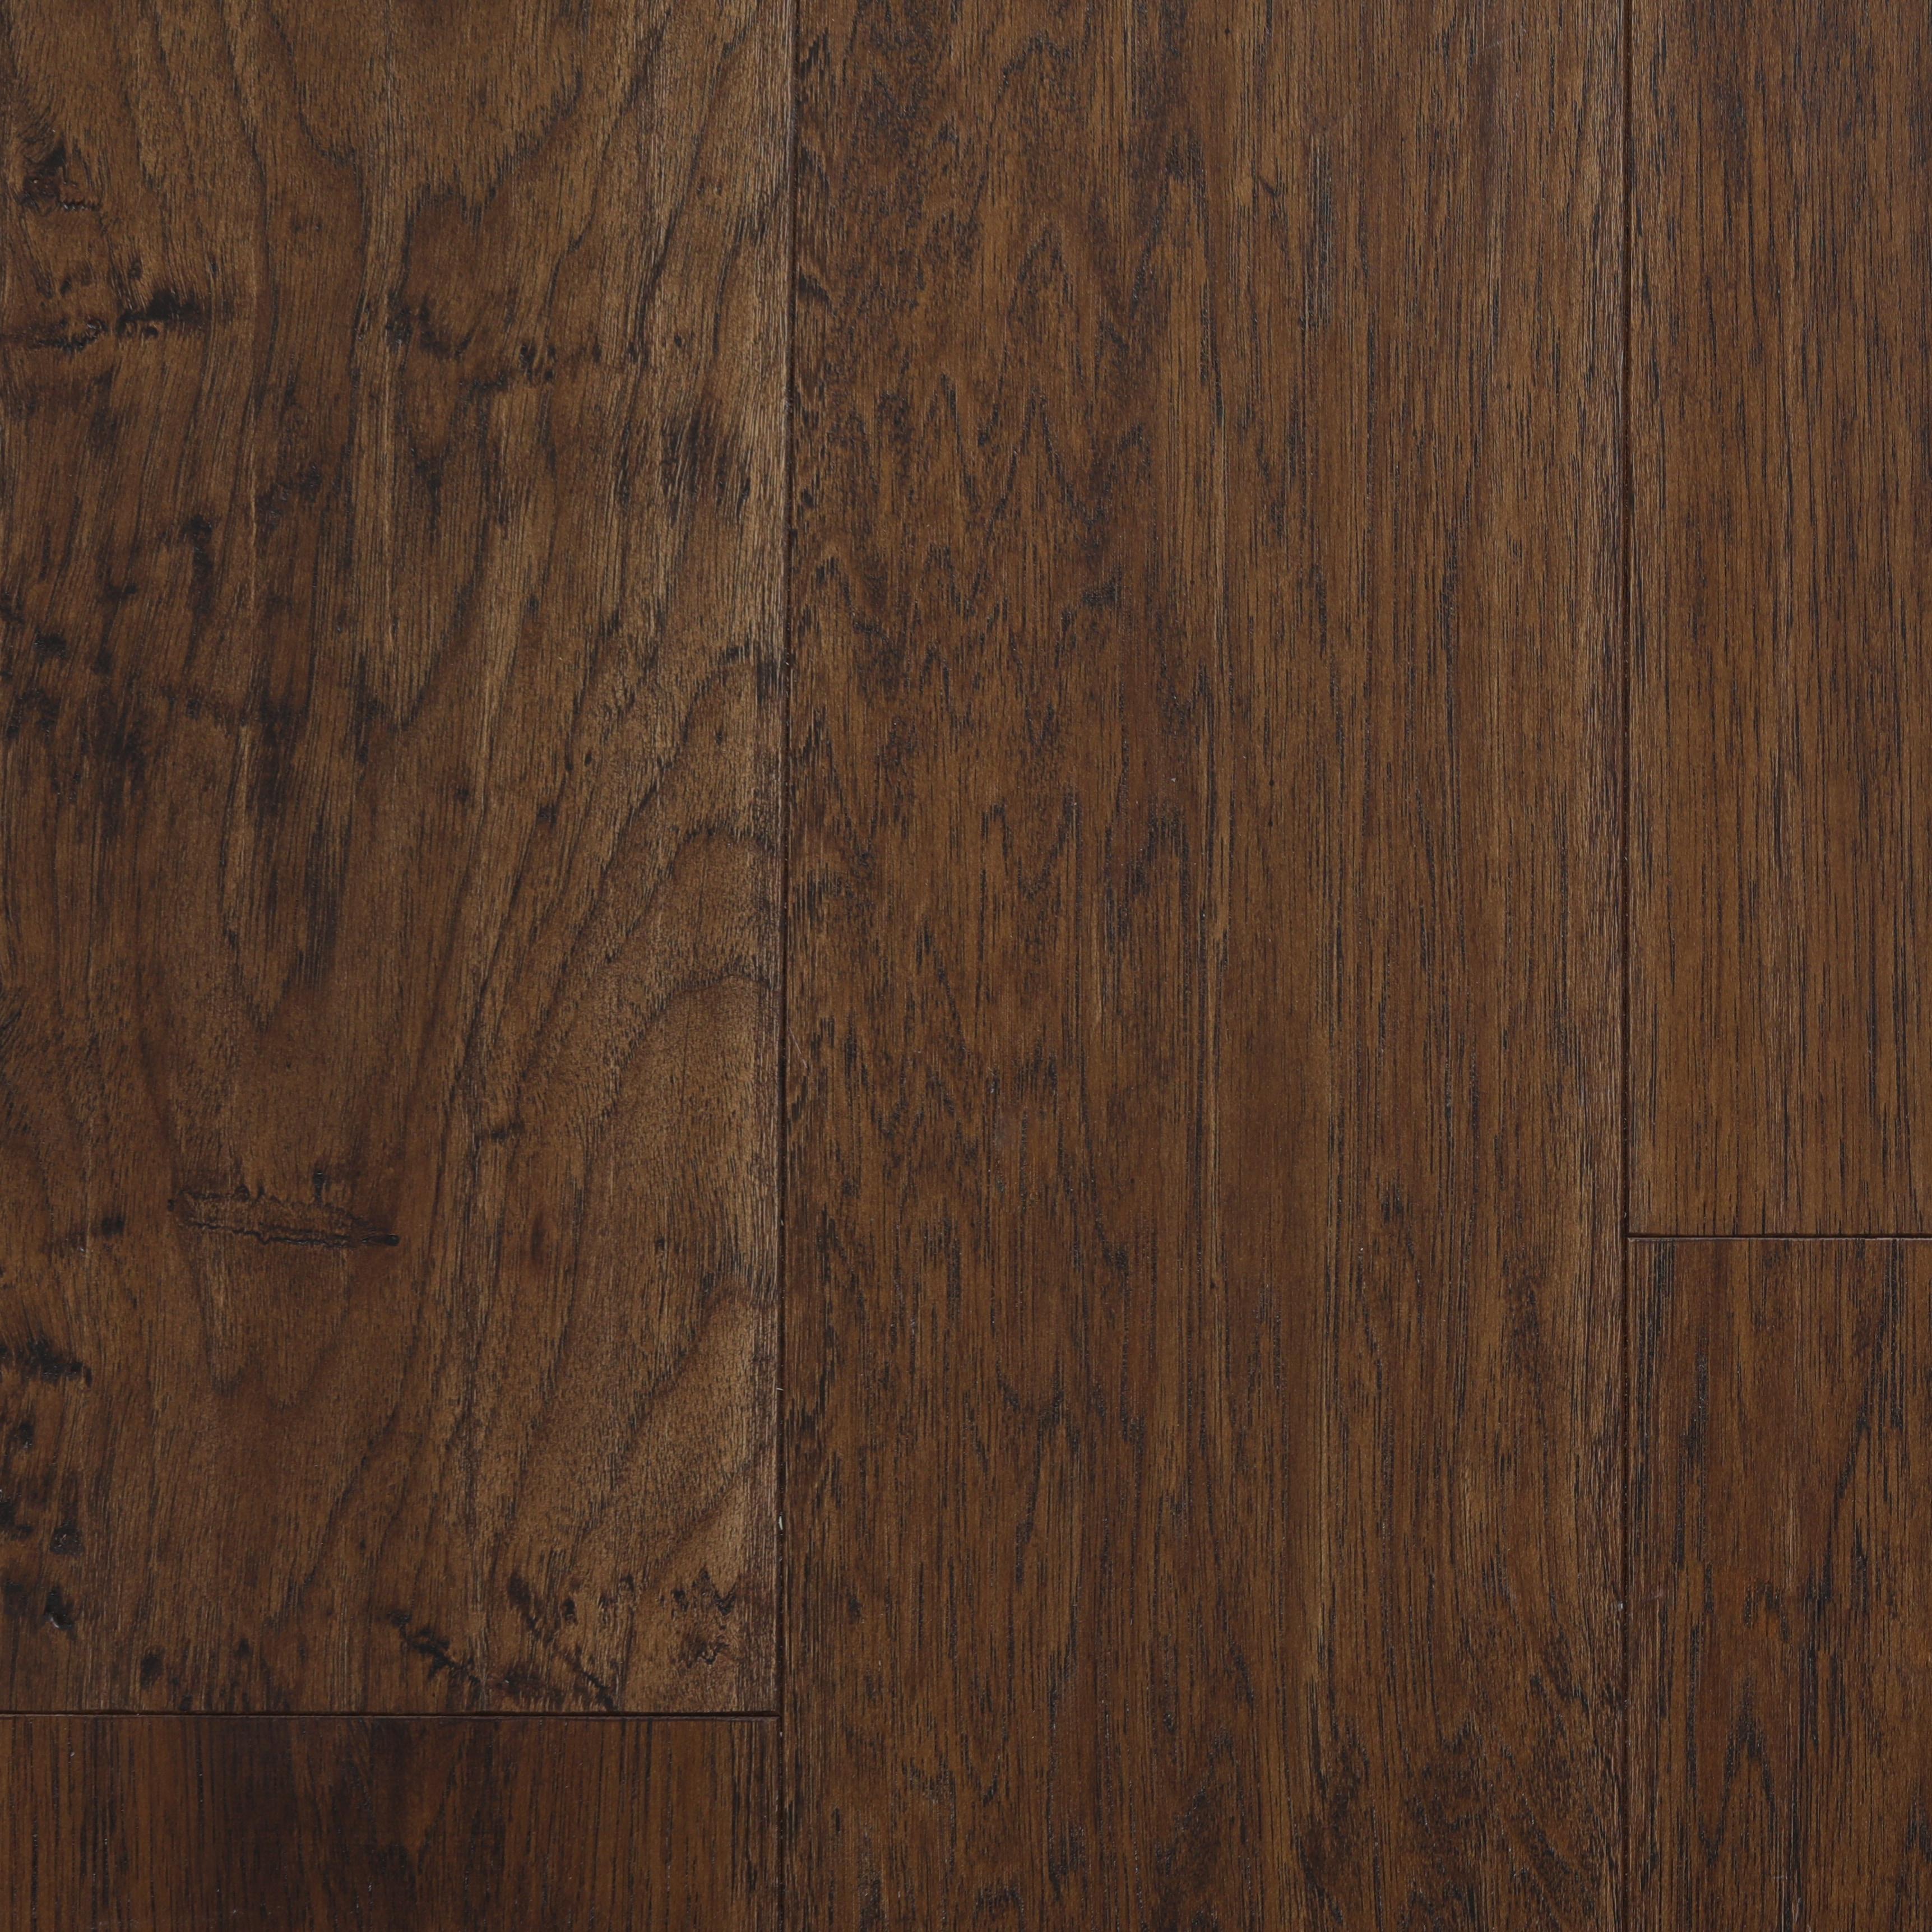 Granola / Hickory / Sealer = UV Urethene Aluminum Oxide; Topcoat = UV Urethene / #1 / Sample Taconic Engineered Hardwood 0